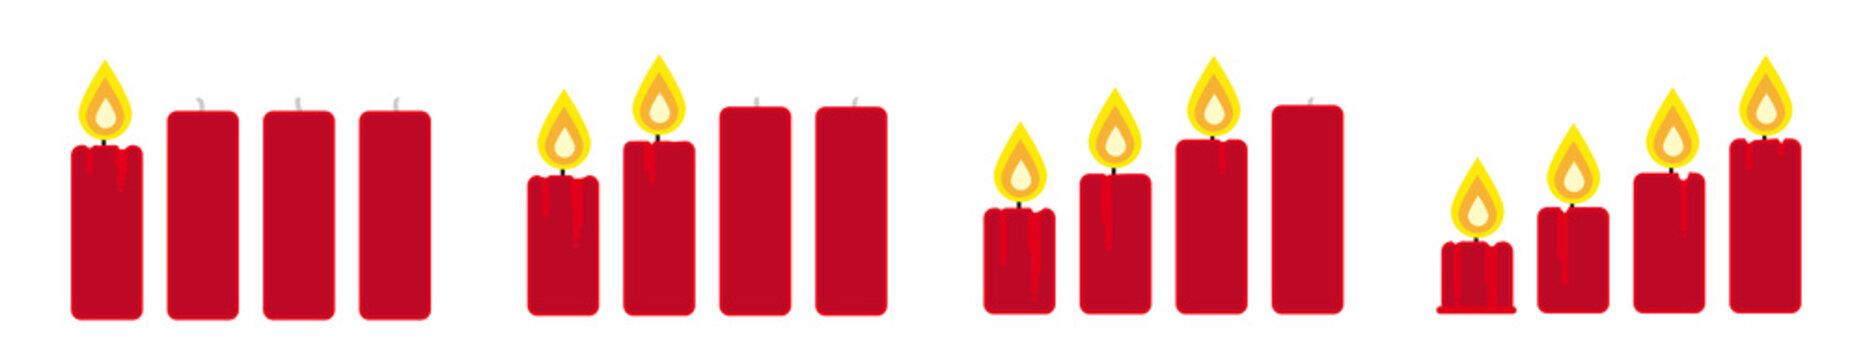 brennende Kerzen - erster, zweiter, dritter und vierter Advent, rot